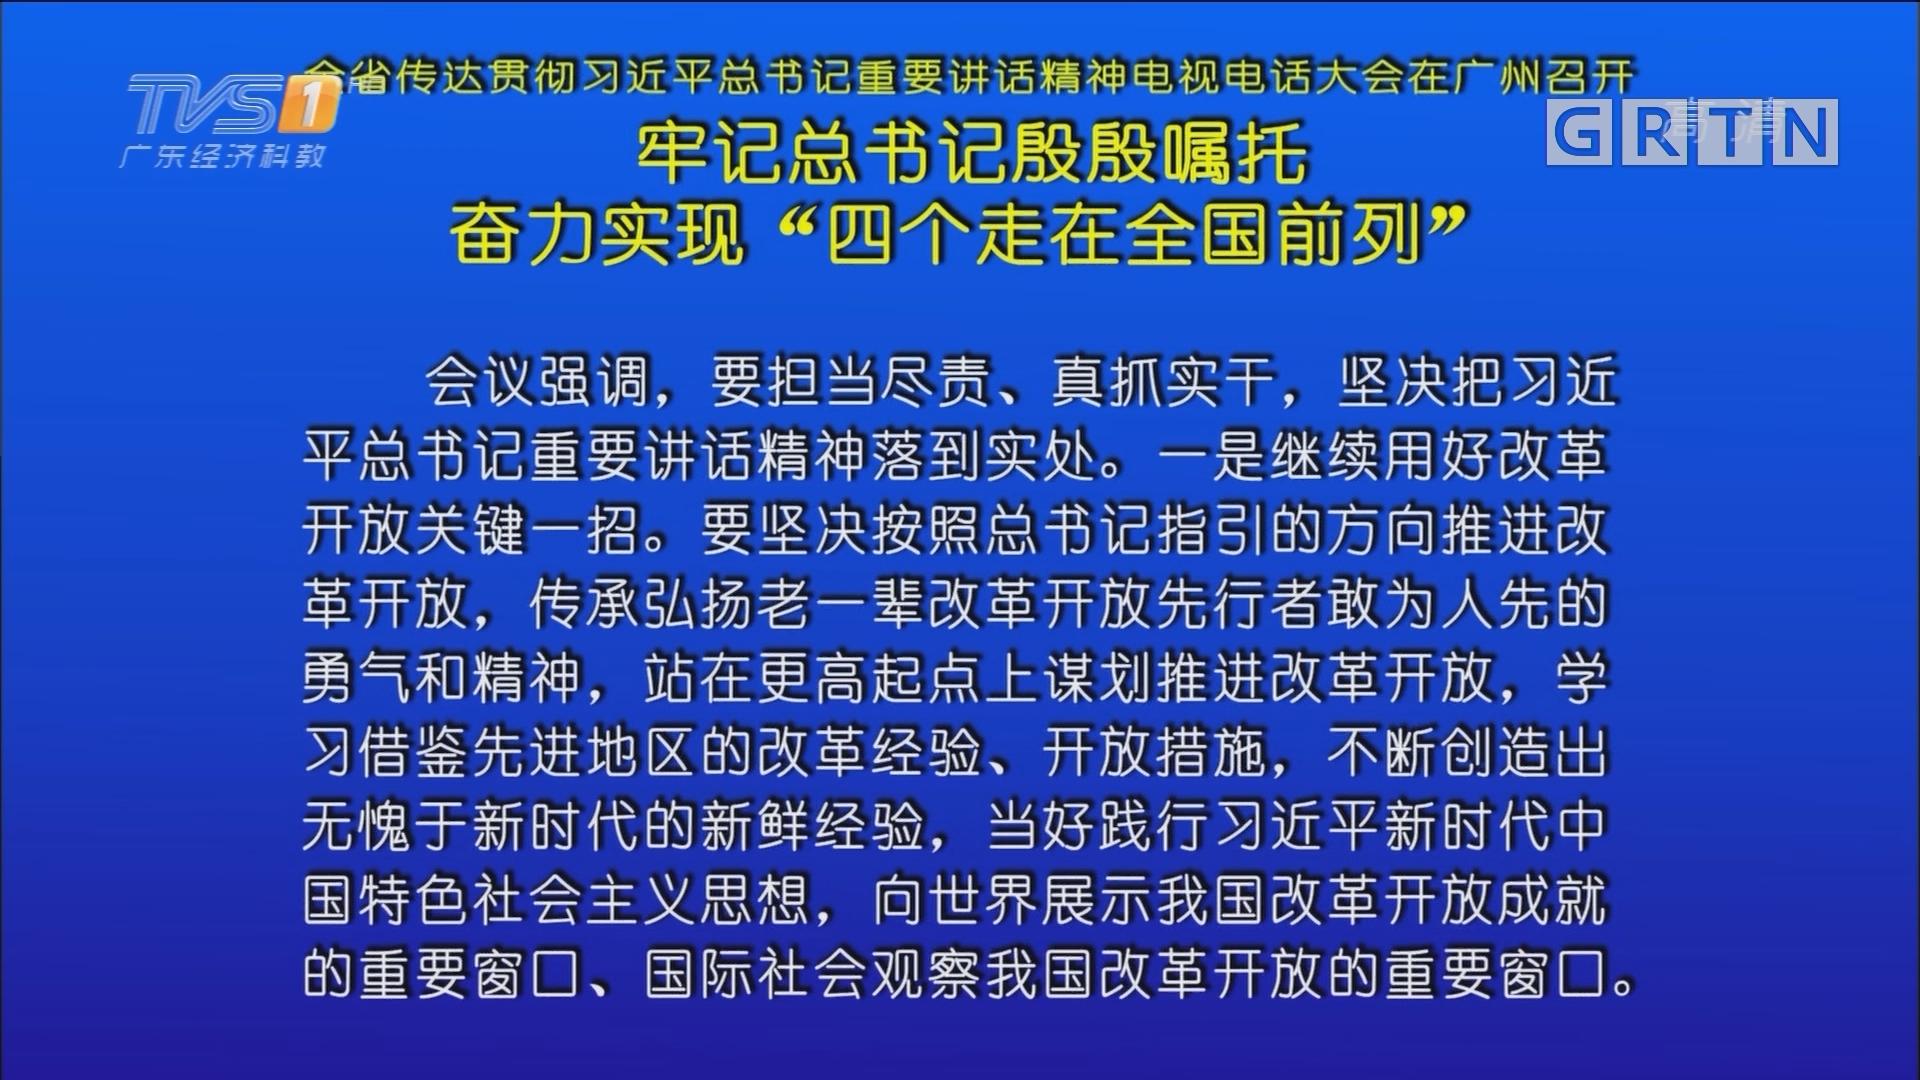 """牢记总书记殷殷嘱托 奋力实现""""四个走在全国前列"""""""